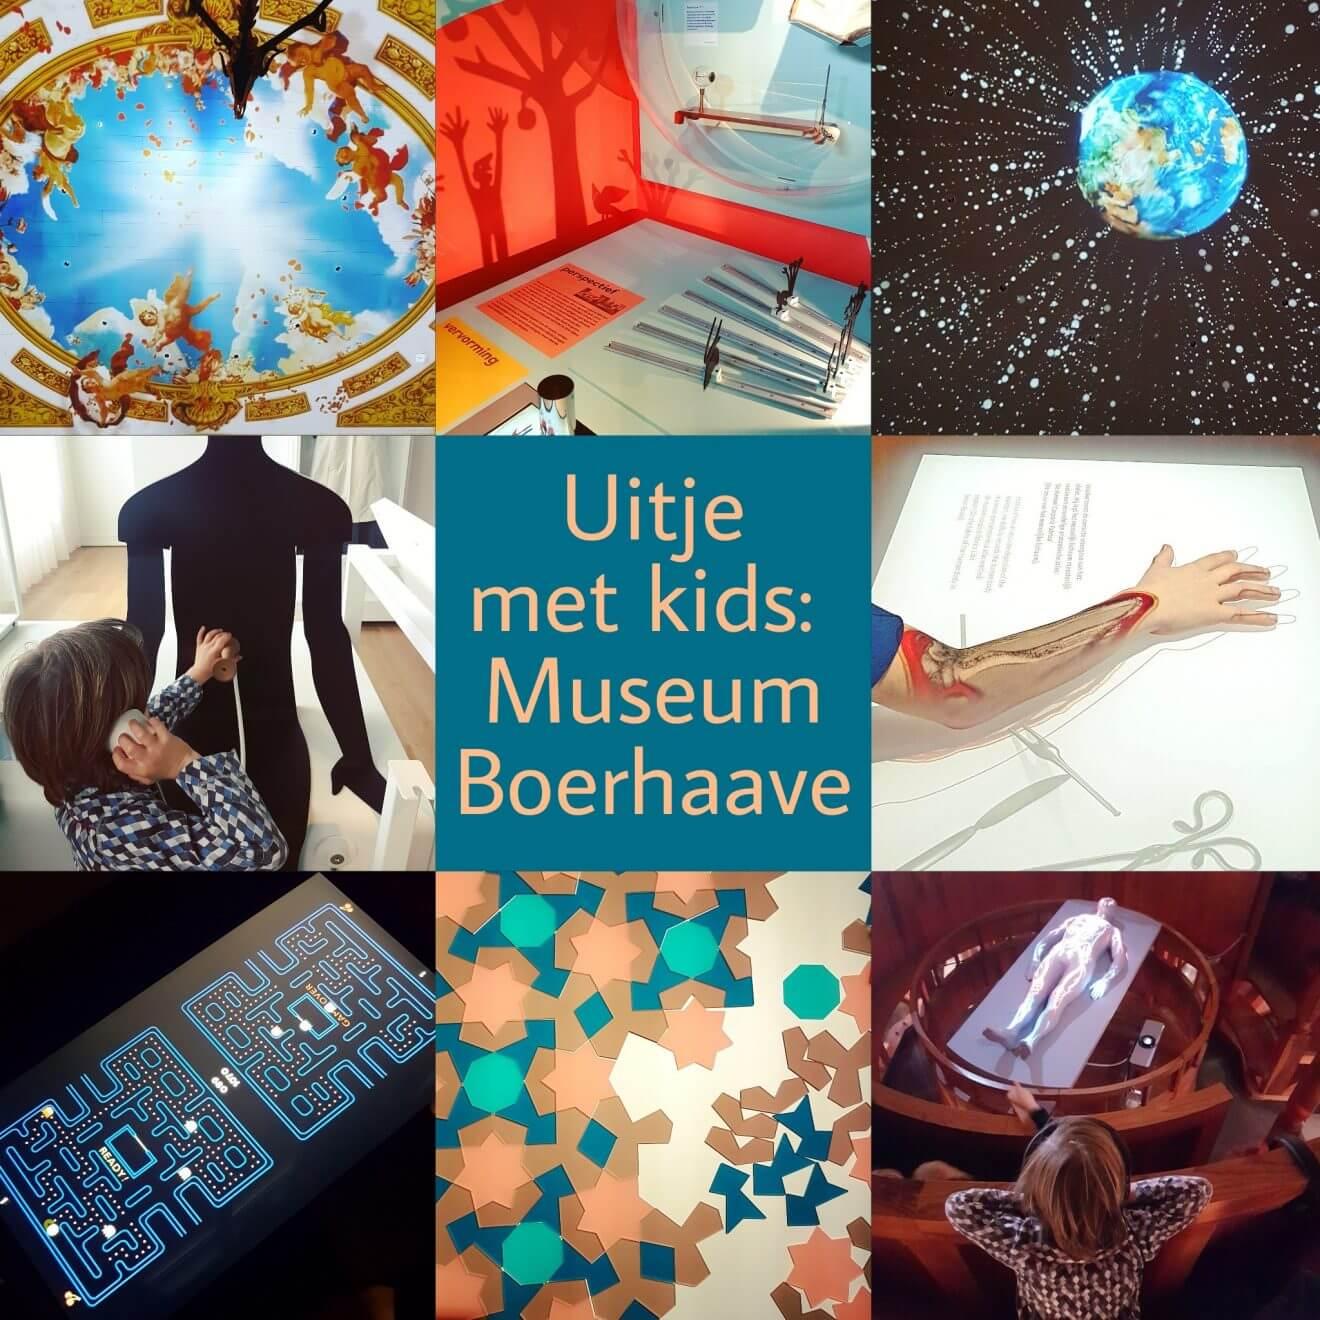 Uitje met kids: wetenschapsmuseum Boerhaave, met veel experimenten en interactieve spelletjes